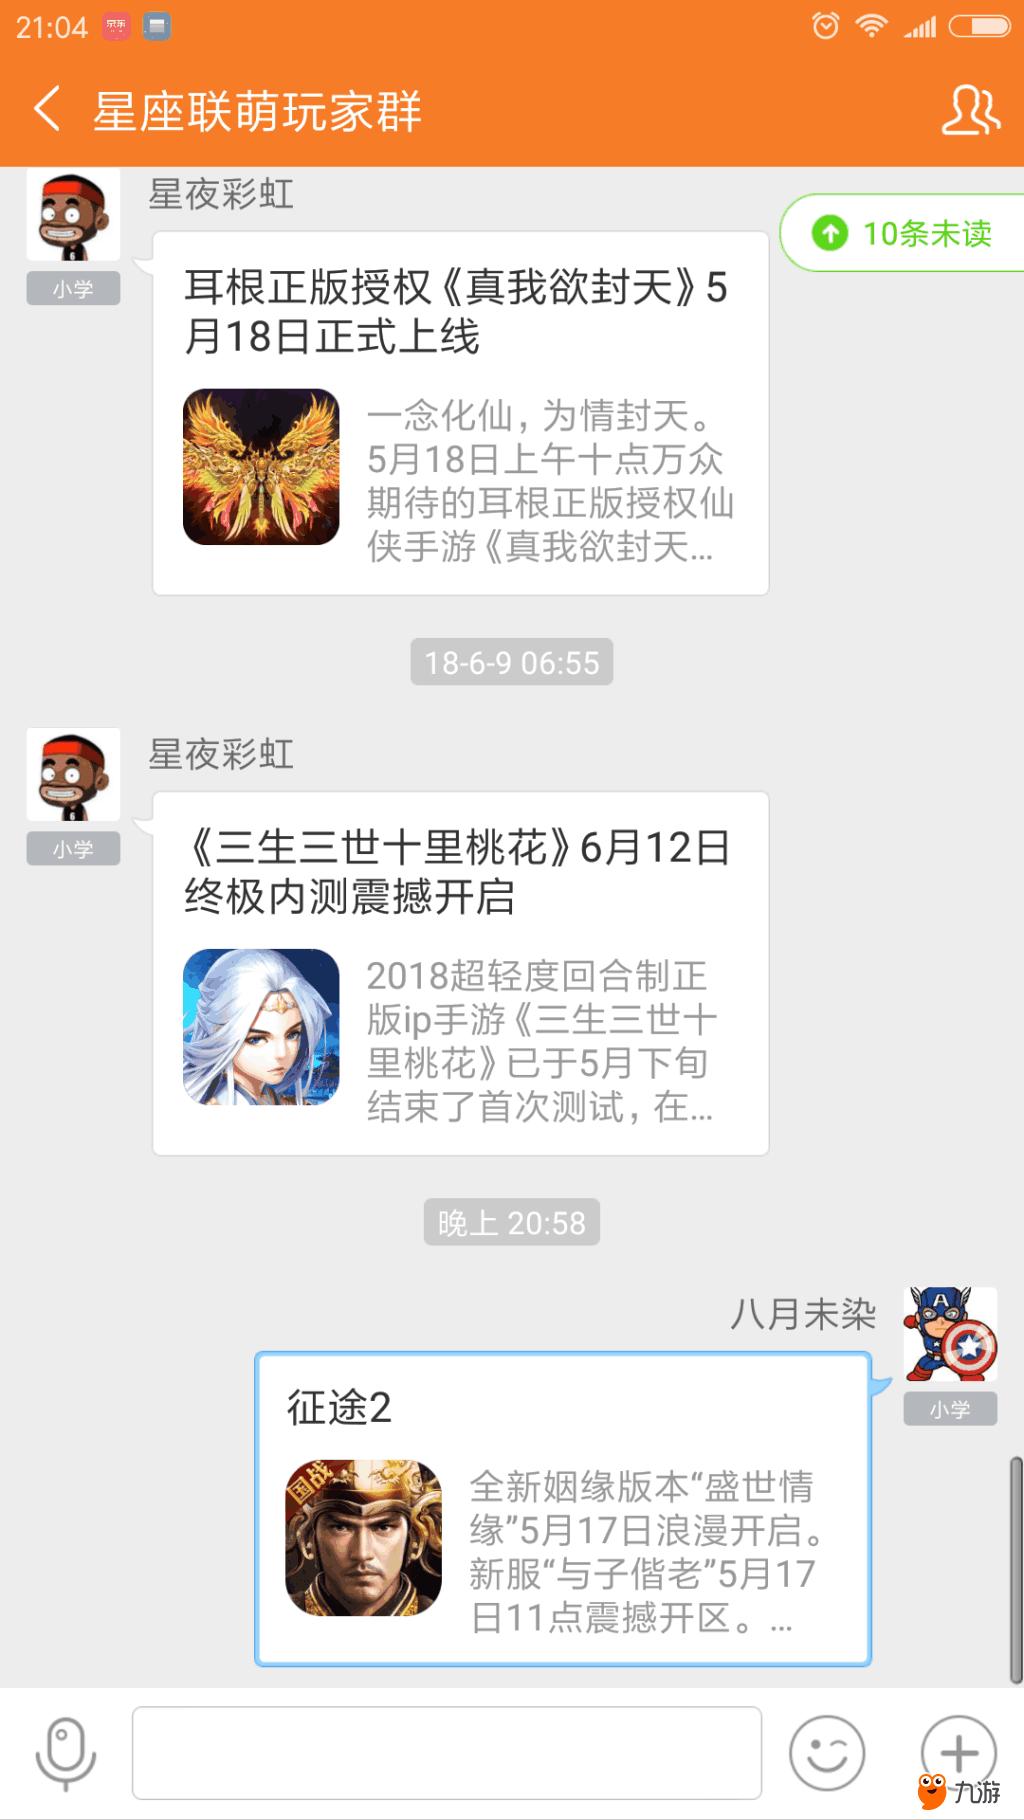 Screenshot_2018s06s14s21s04s15s040_cn.ninegame.ga.png